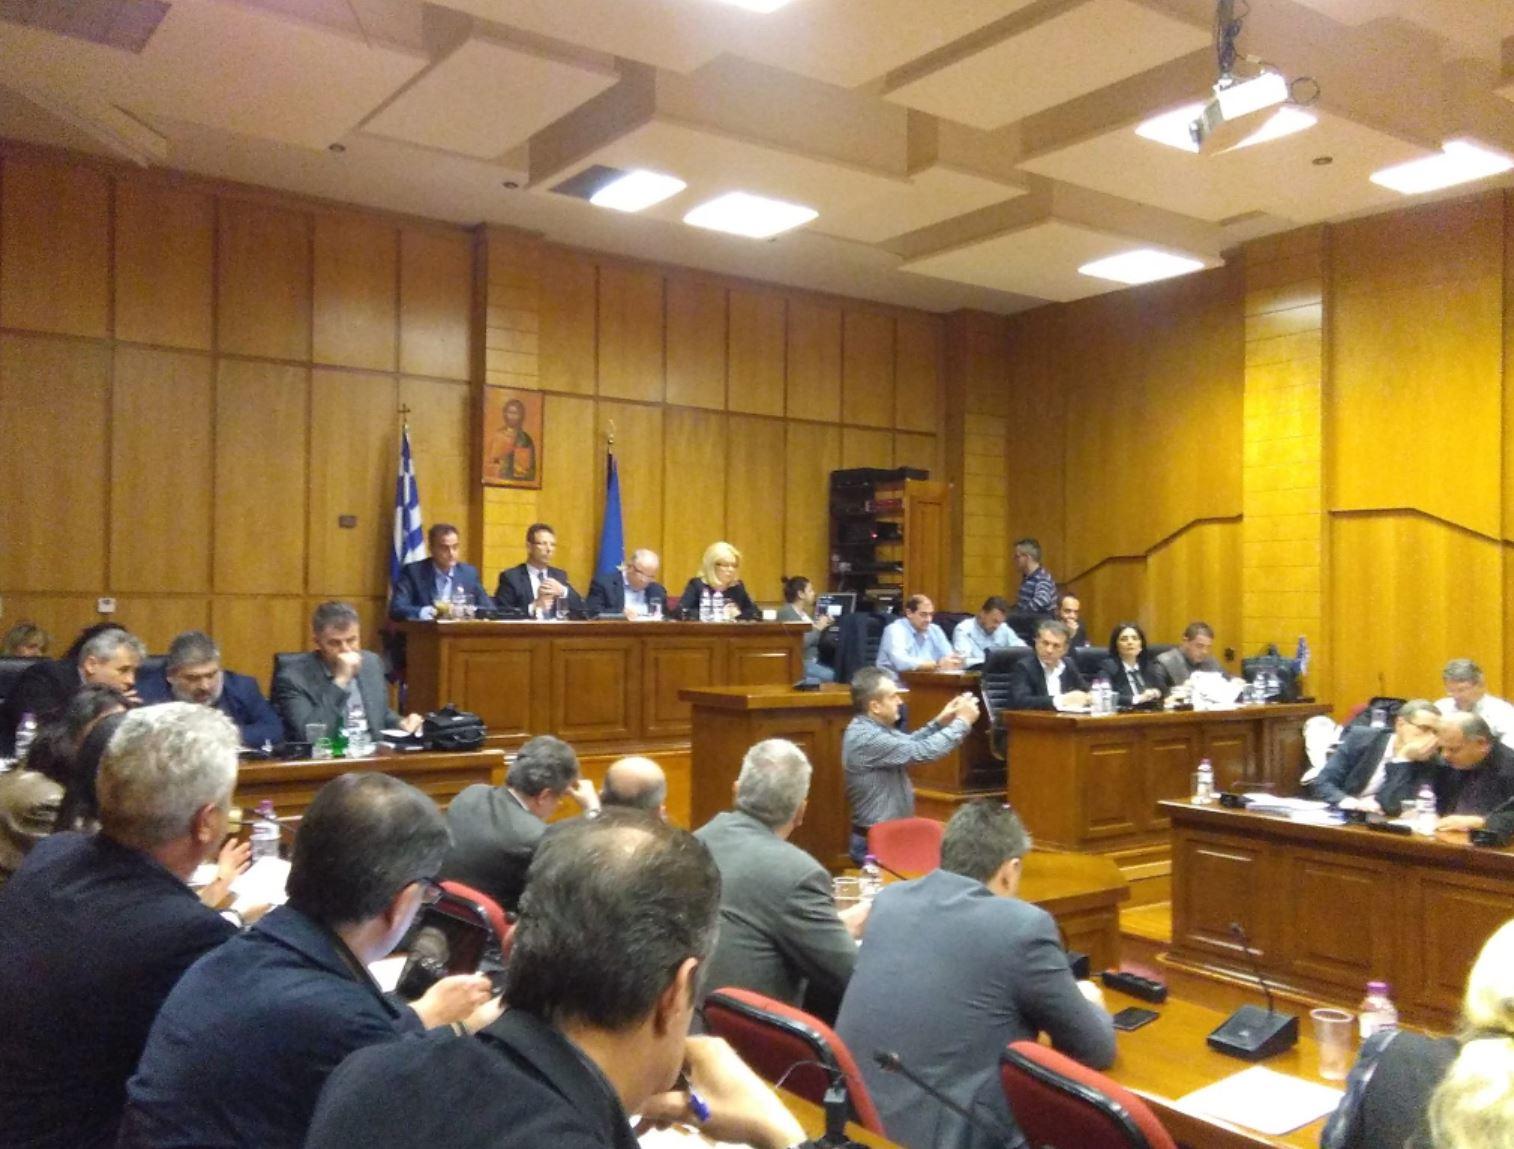 Συνεδρίαση του Περιφερειακού Συμβουλίου Δυτικής Μακεδονίας, την Τετάρτη 22 Νοεμβρίου  και ώρα 16.00